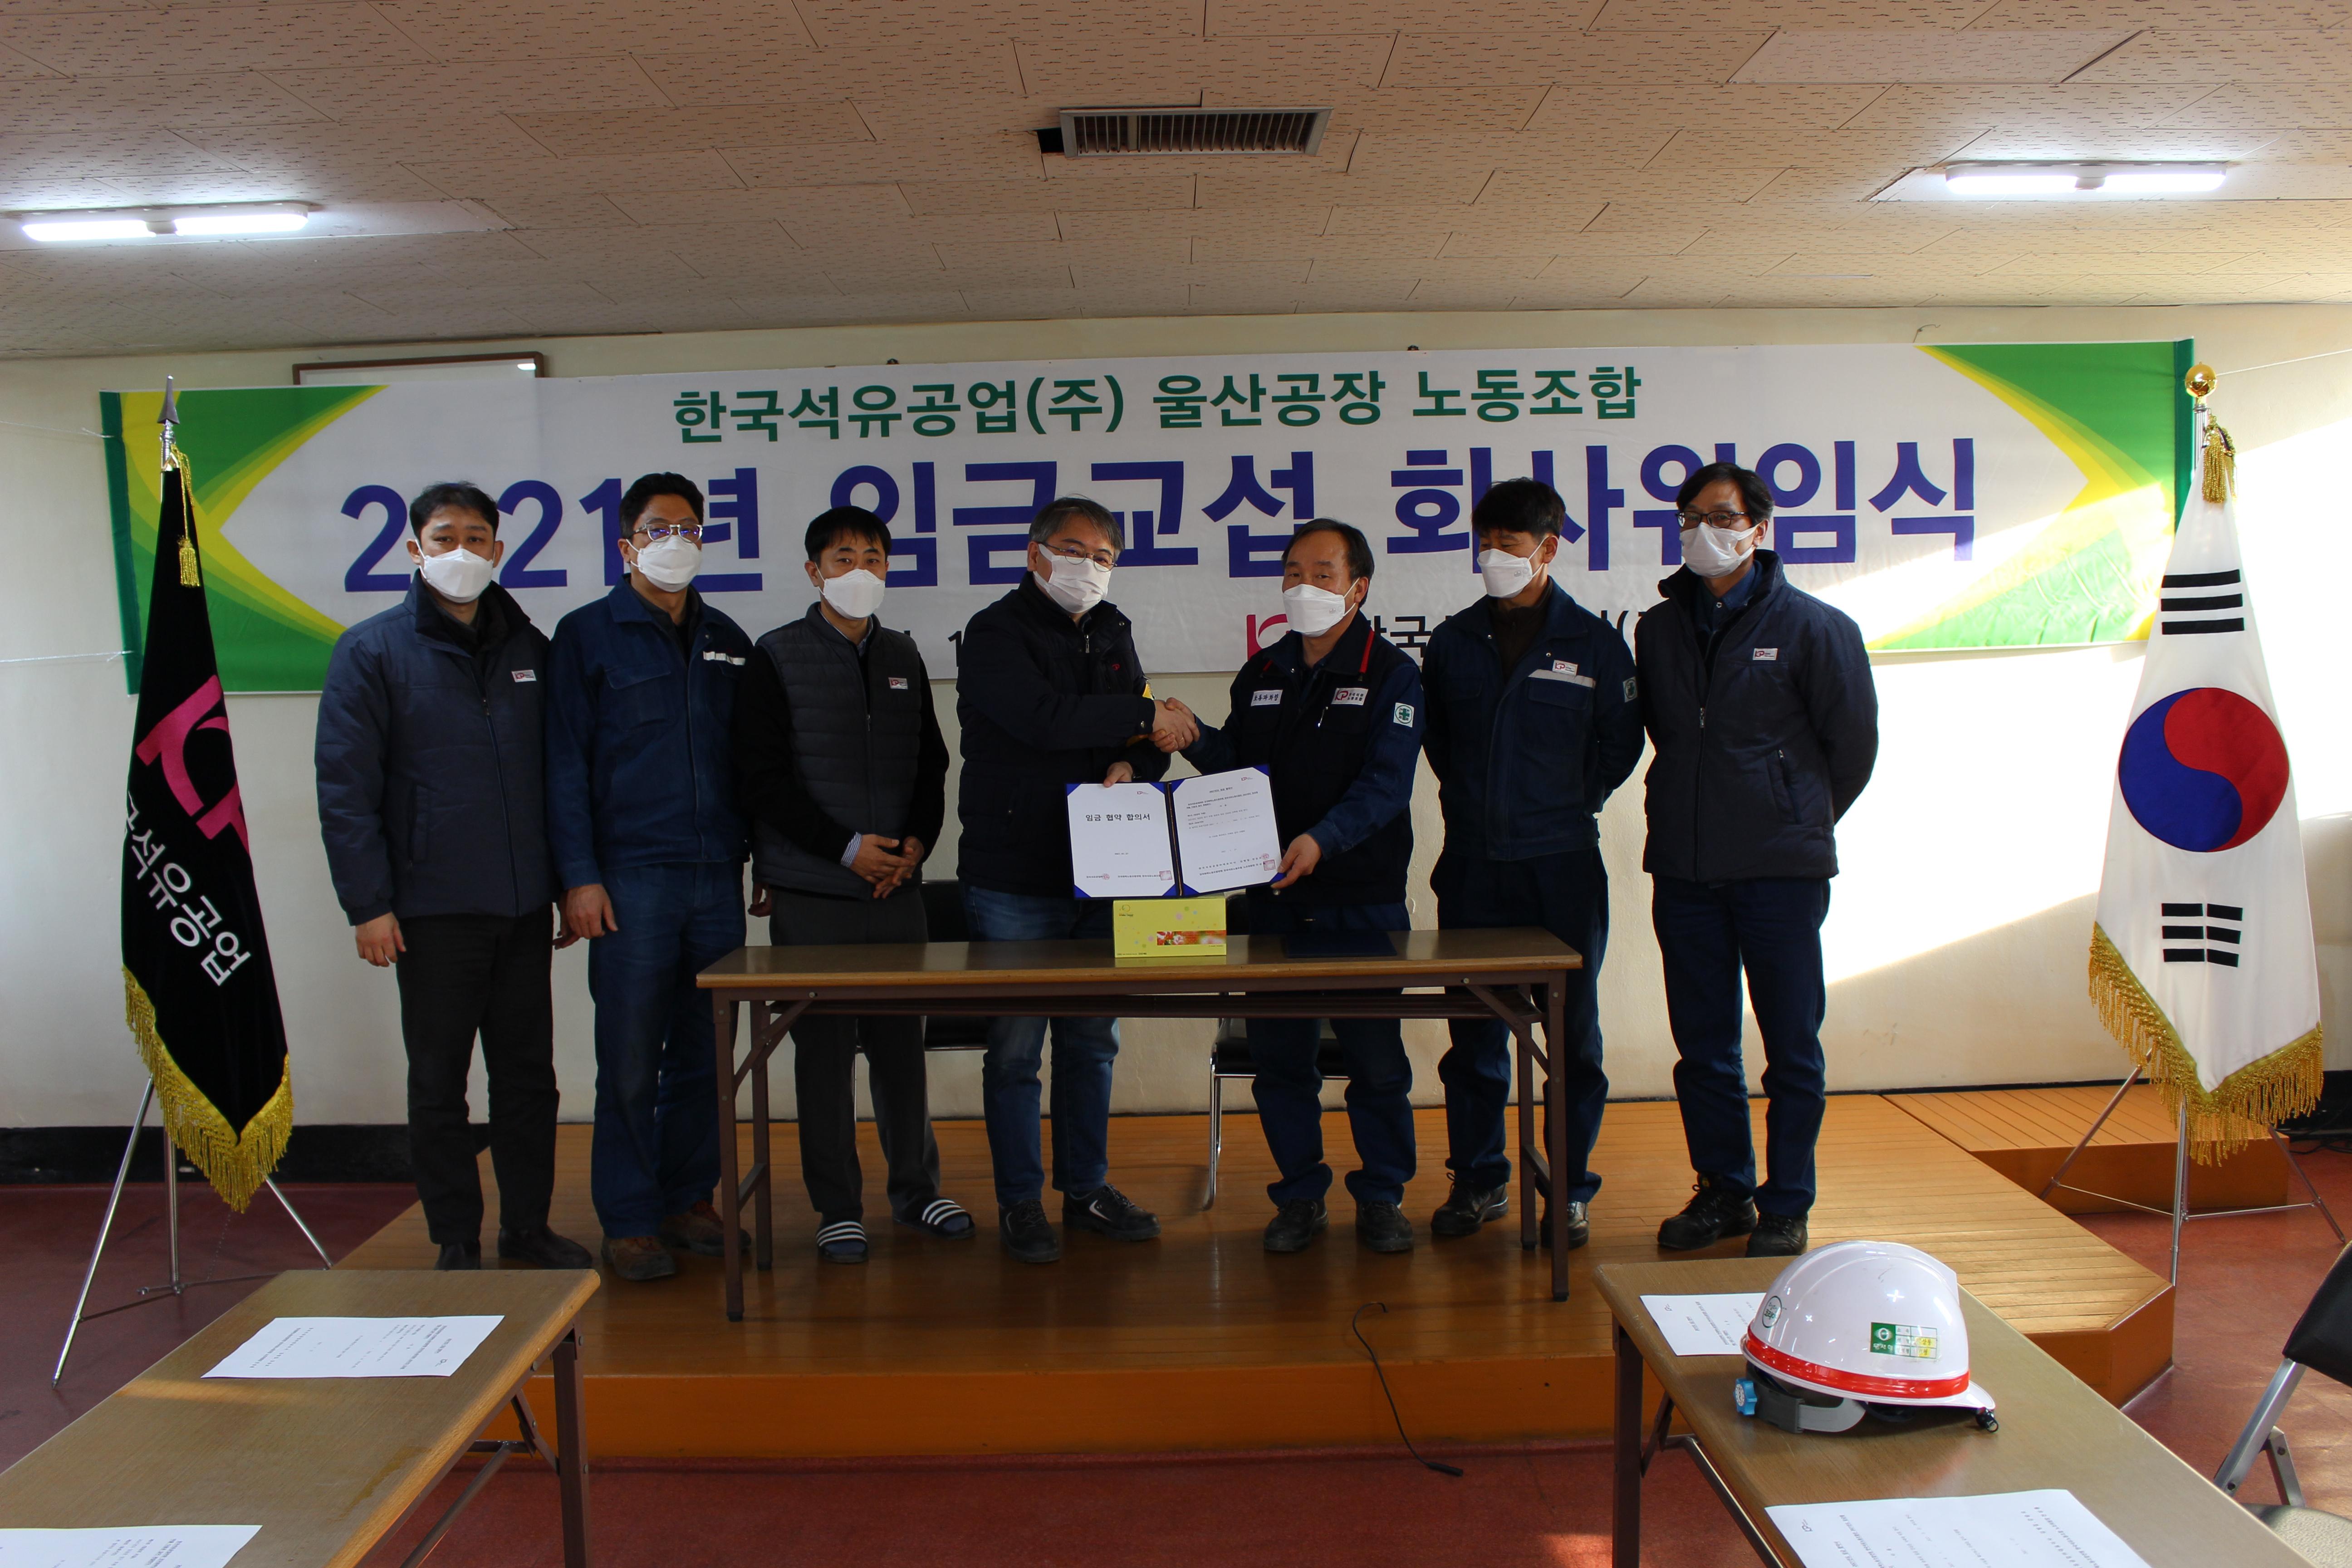 2021년 한국석유공업(주) 임금협약 위임식